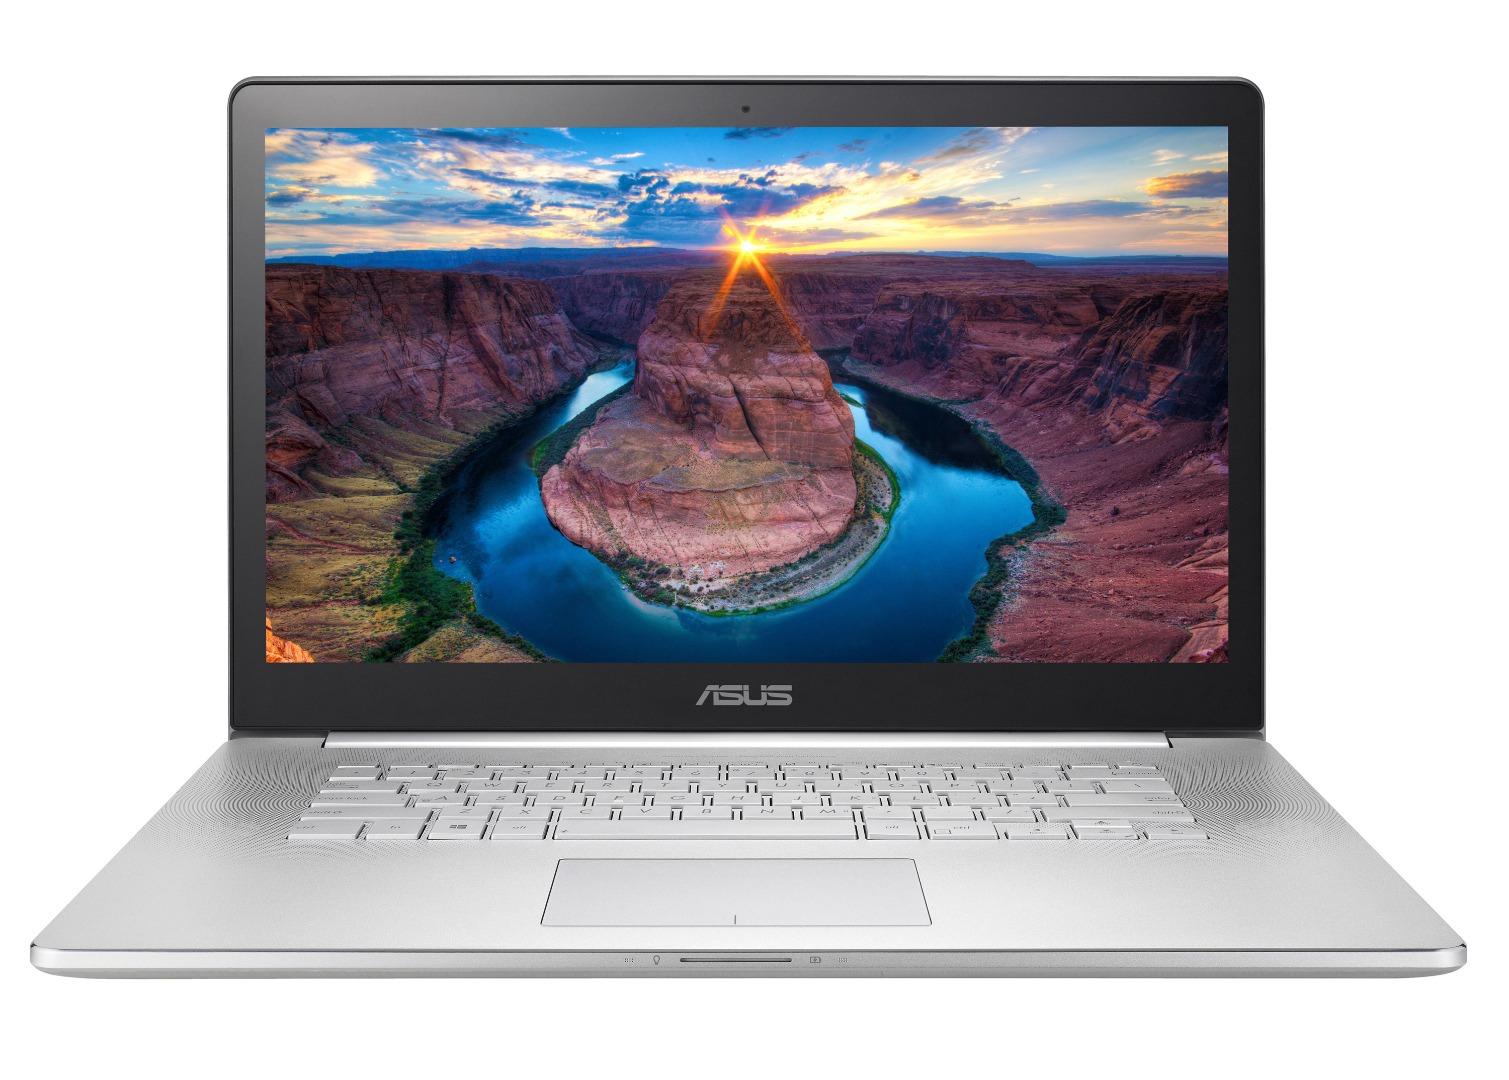 ASUS Zenbook NX500 - laptop z 15,6-calowym dotykowym ekranem 4K